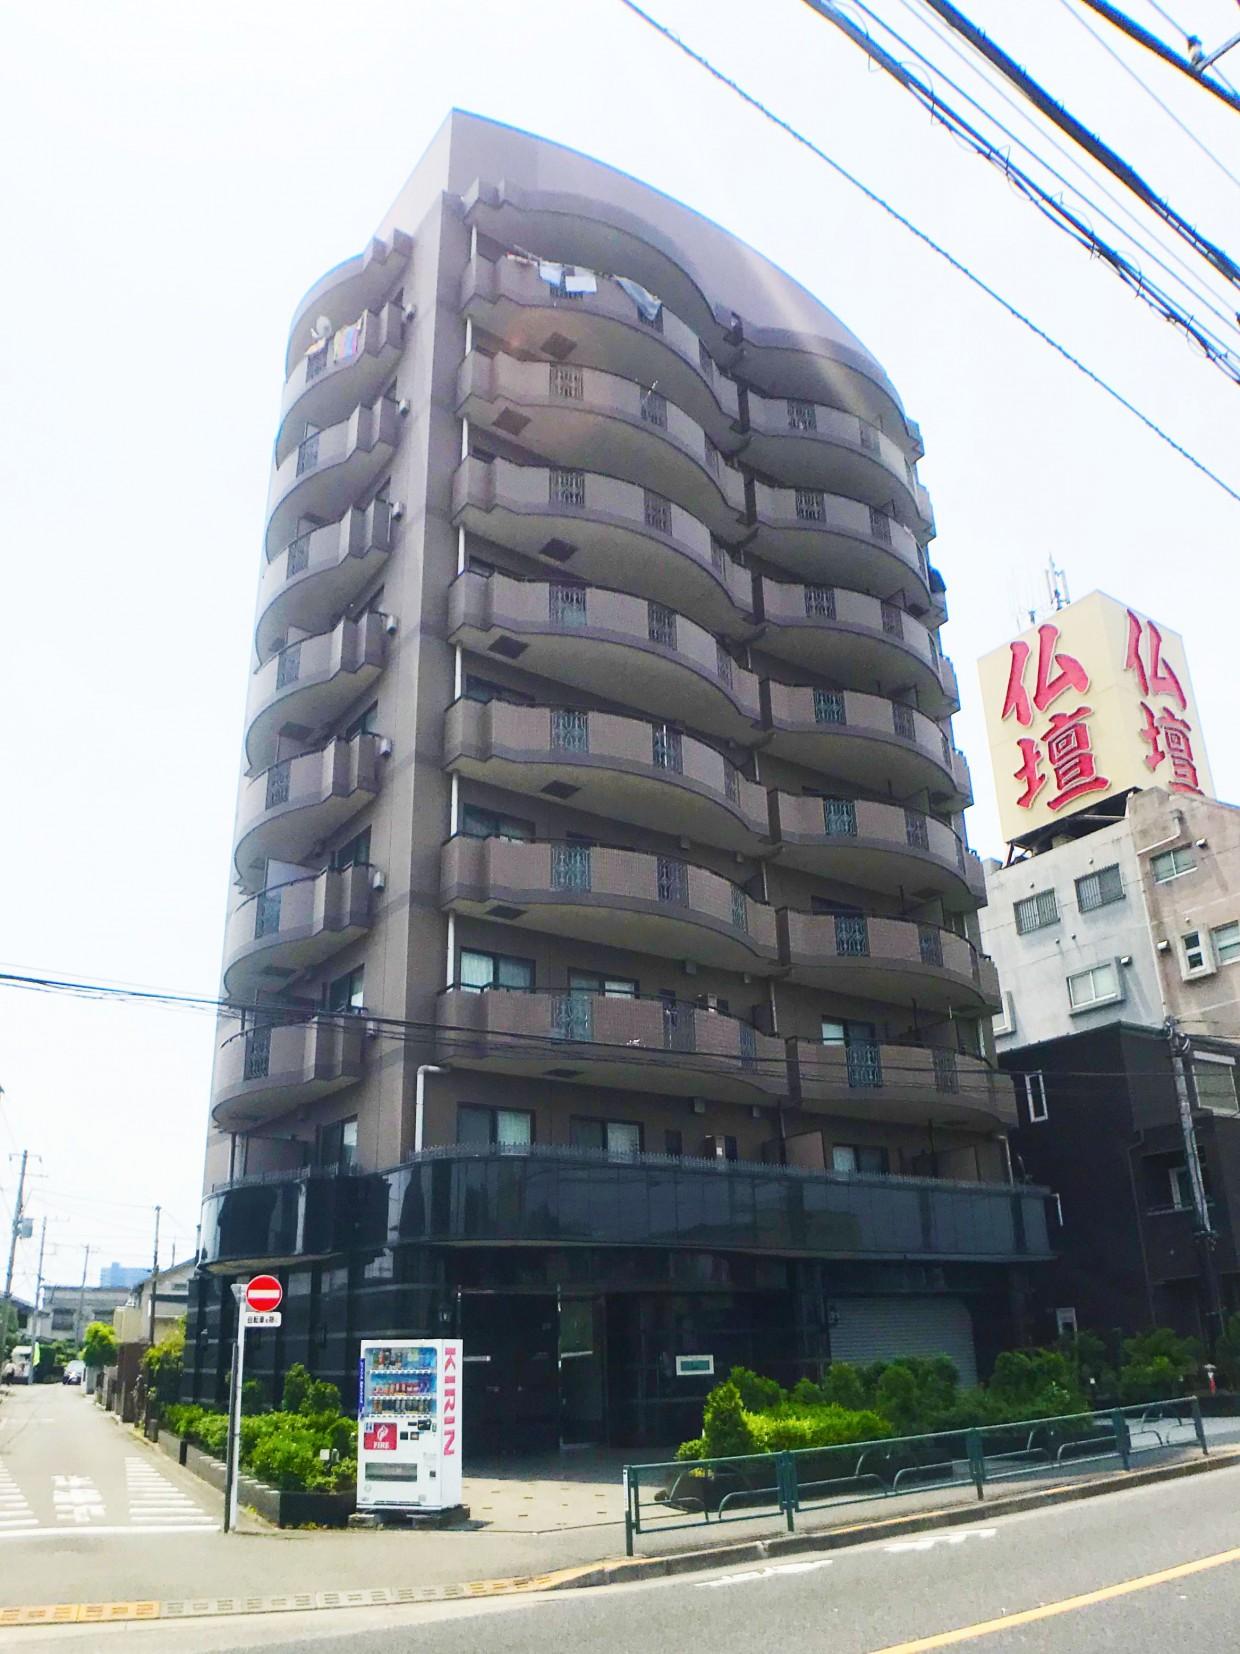 町田街道沿いに建つマンション